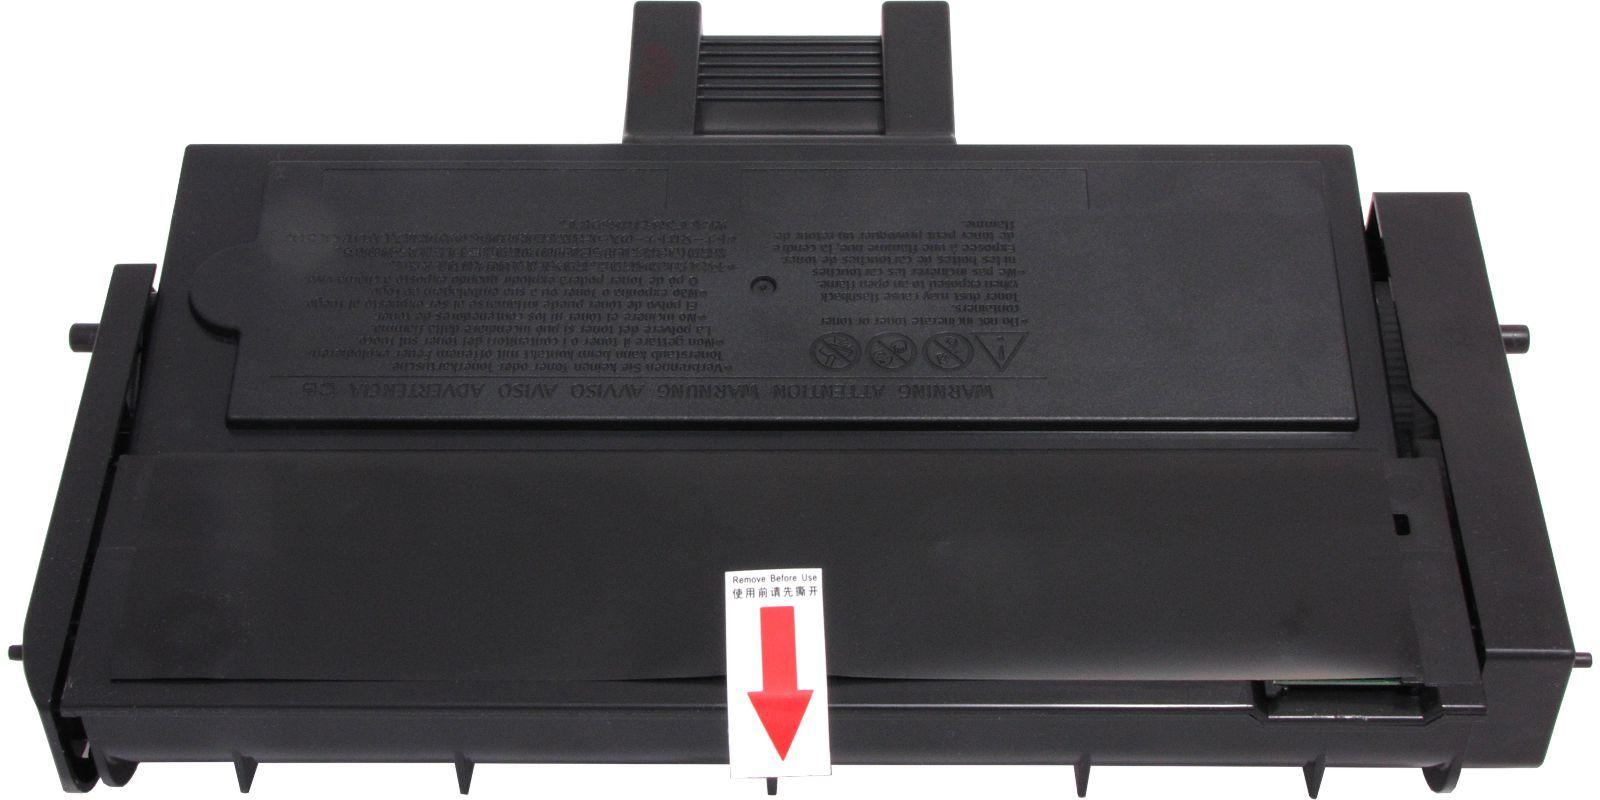 MAK SP200, черный, для Ricoh, до 2600 стр.